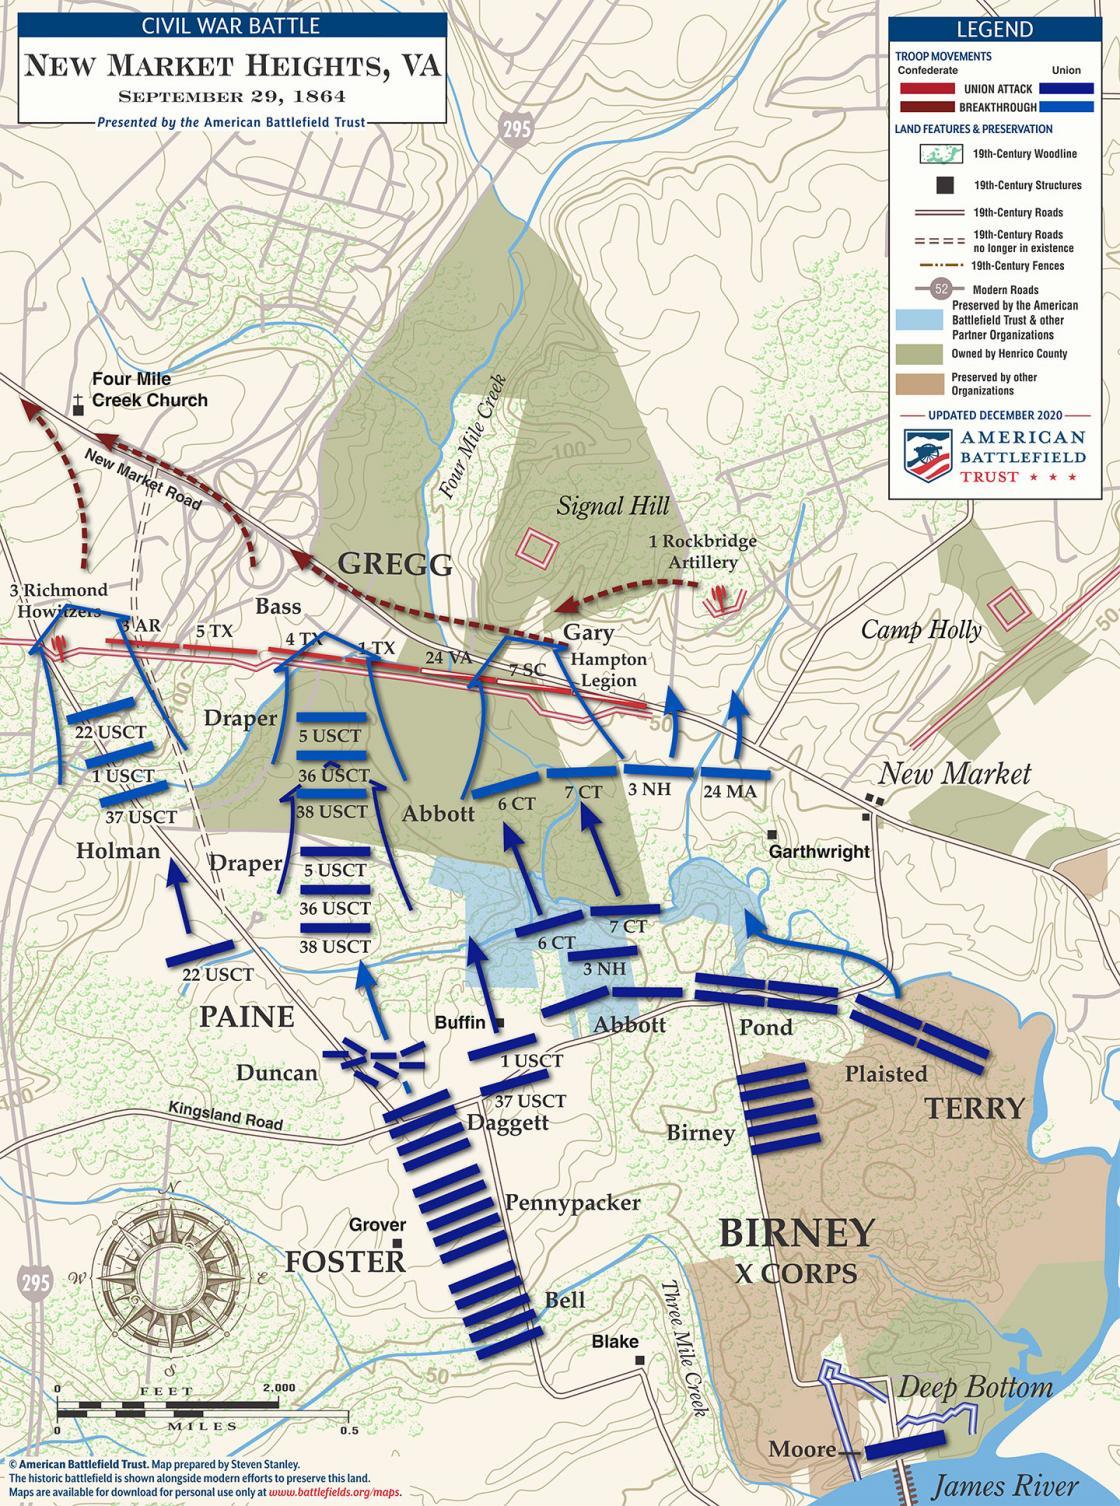 New Market Heights - September 29, 1864 Battle Map